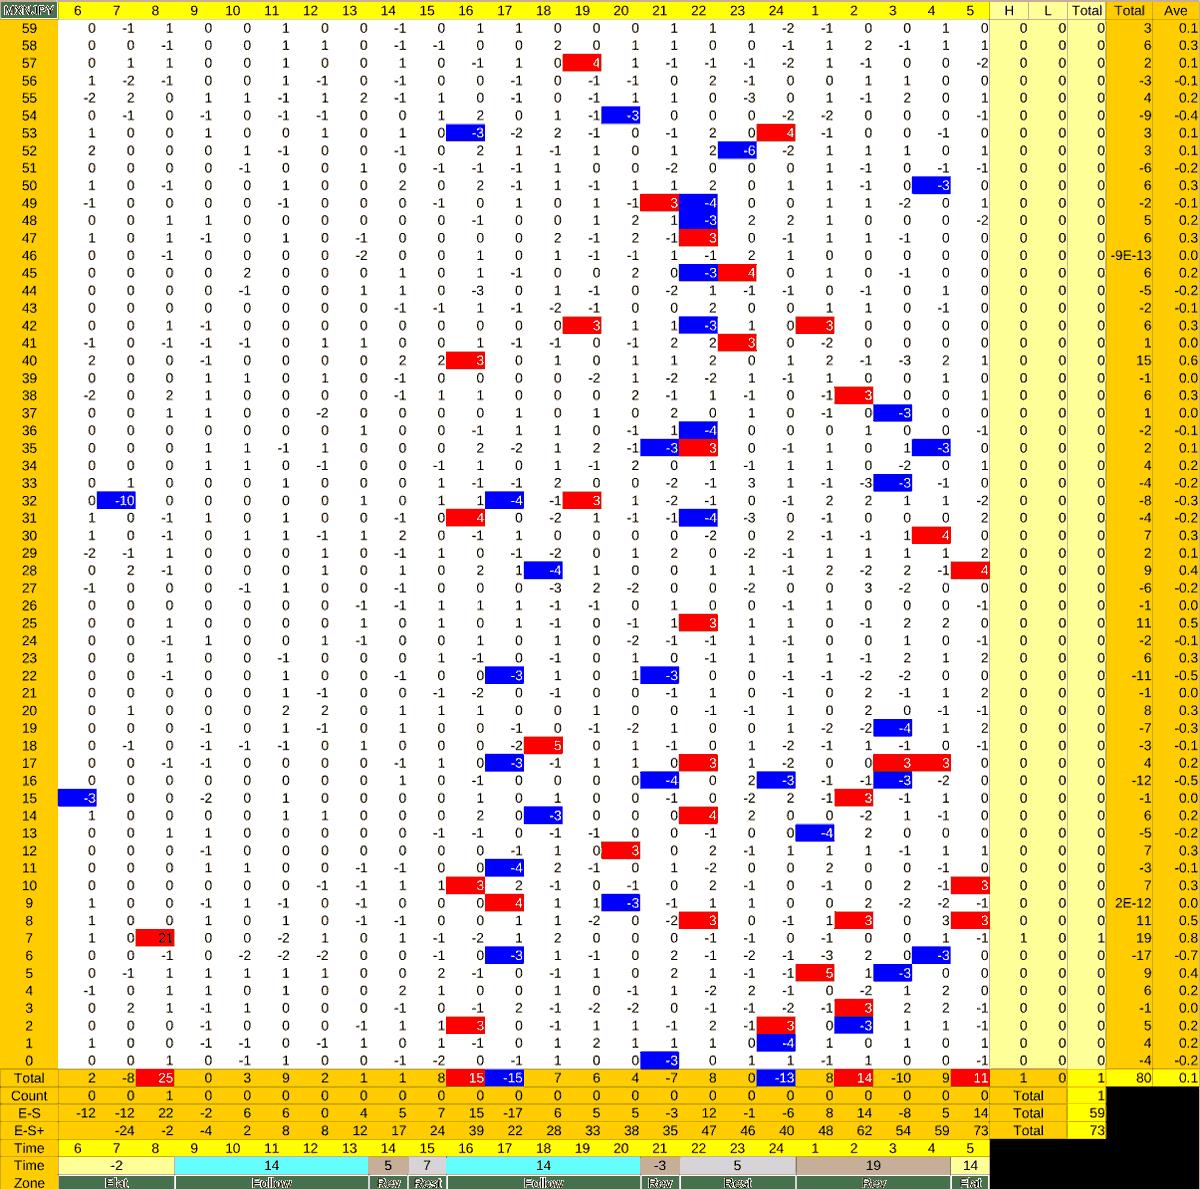 20210311_HS(3)MXNJPY-min